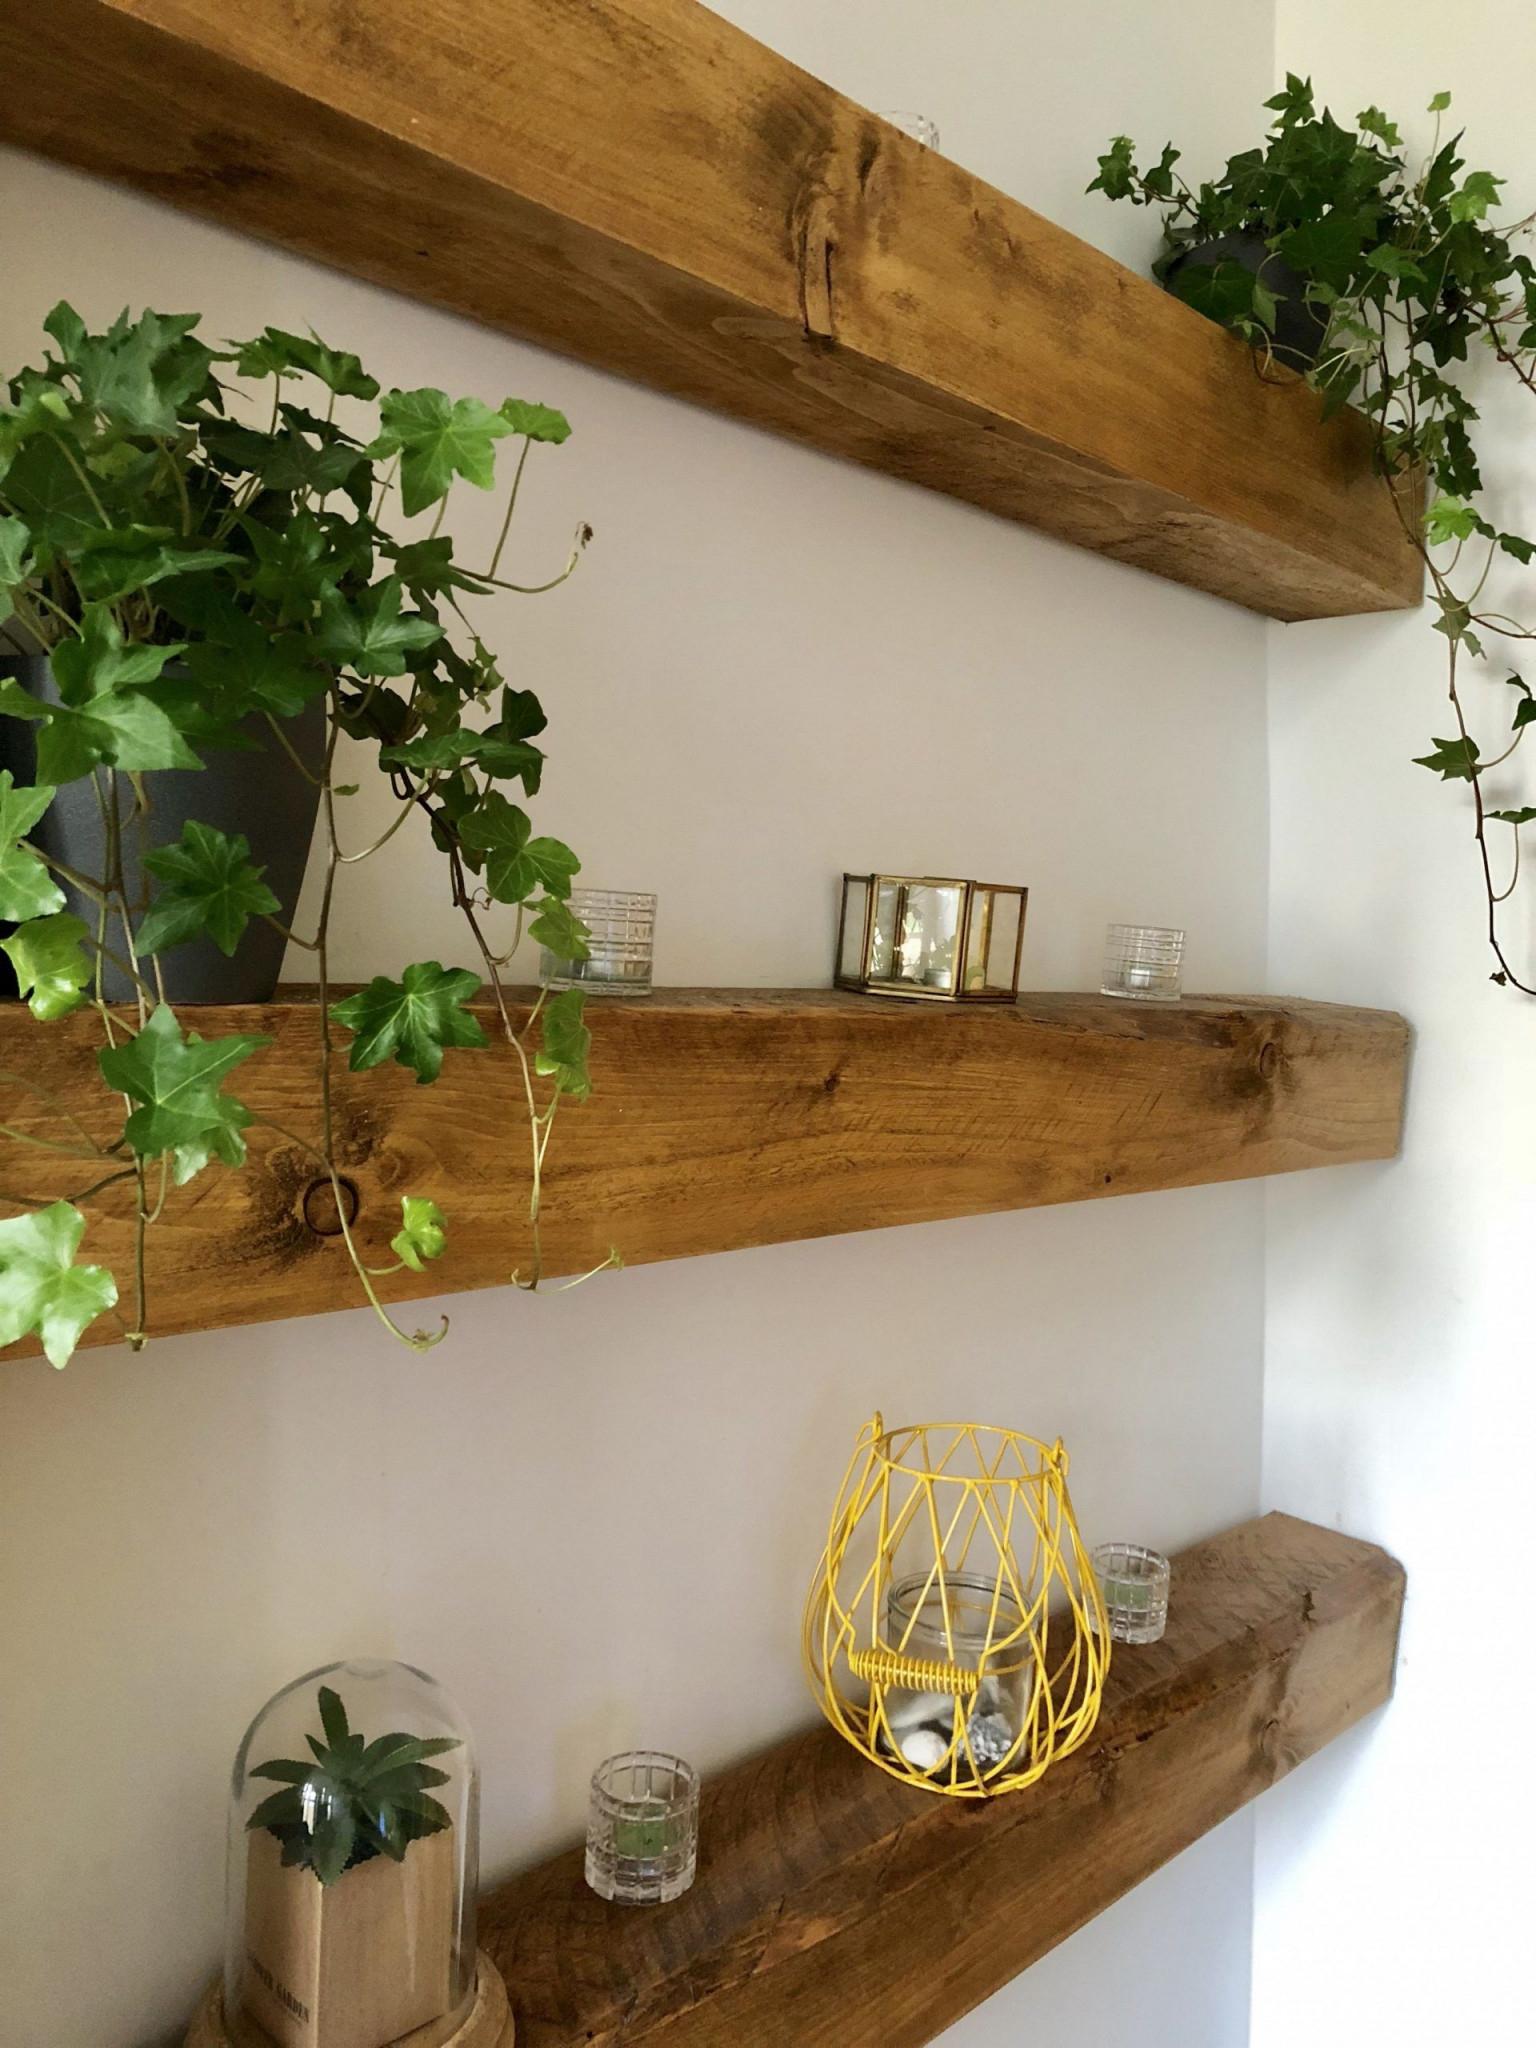 10 Balken Wohnzimmer Deko In 2020  Wandregal Holz von Wohnzimmer Holz Deko Bild